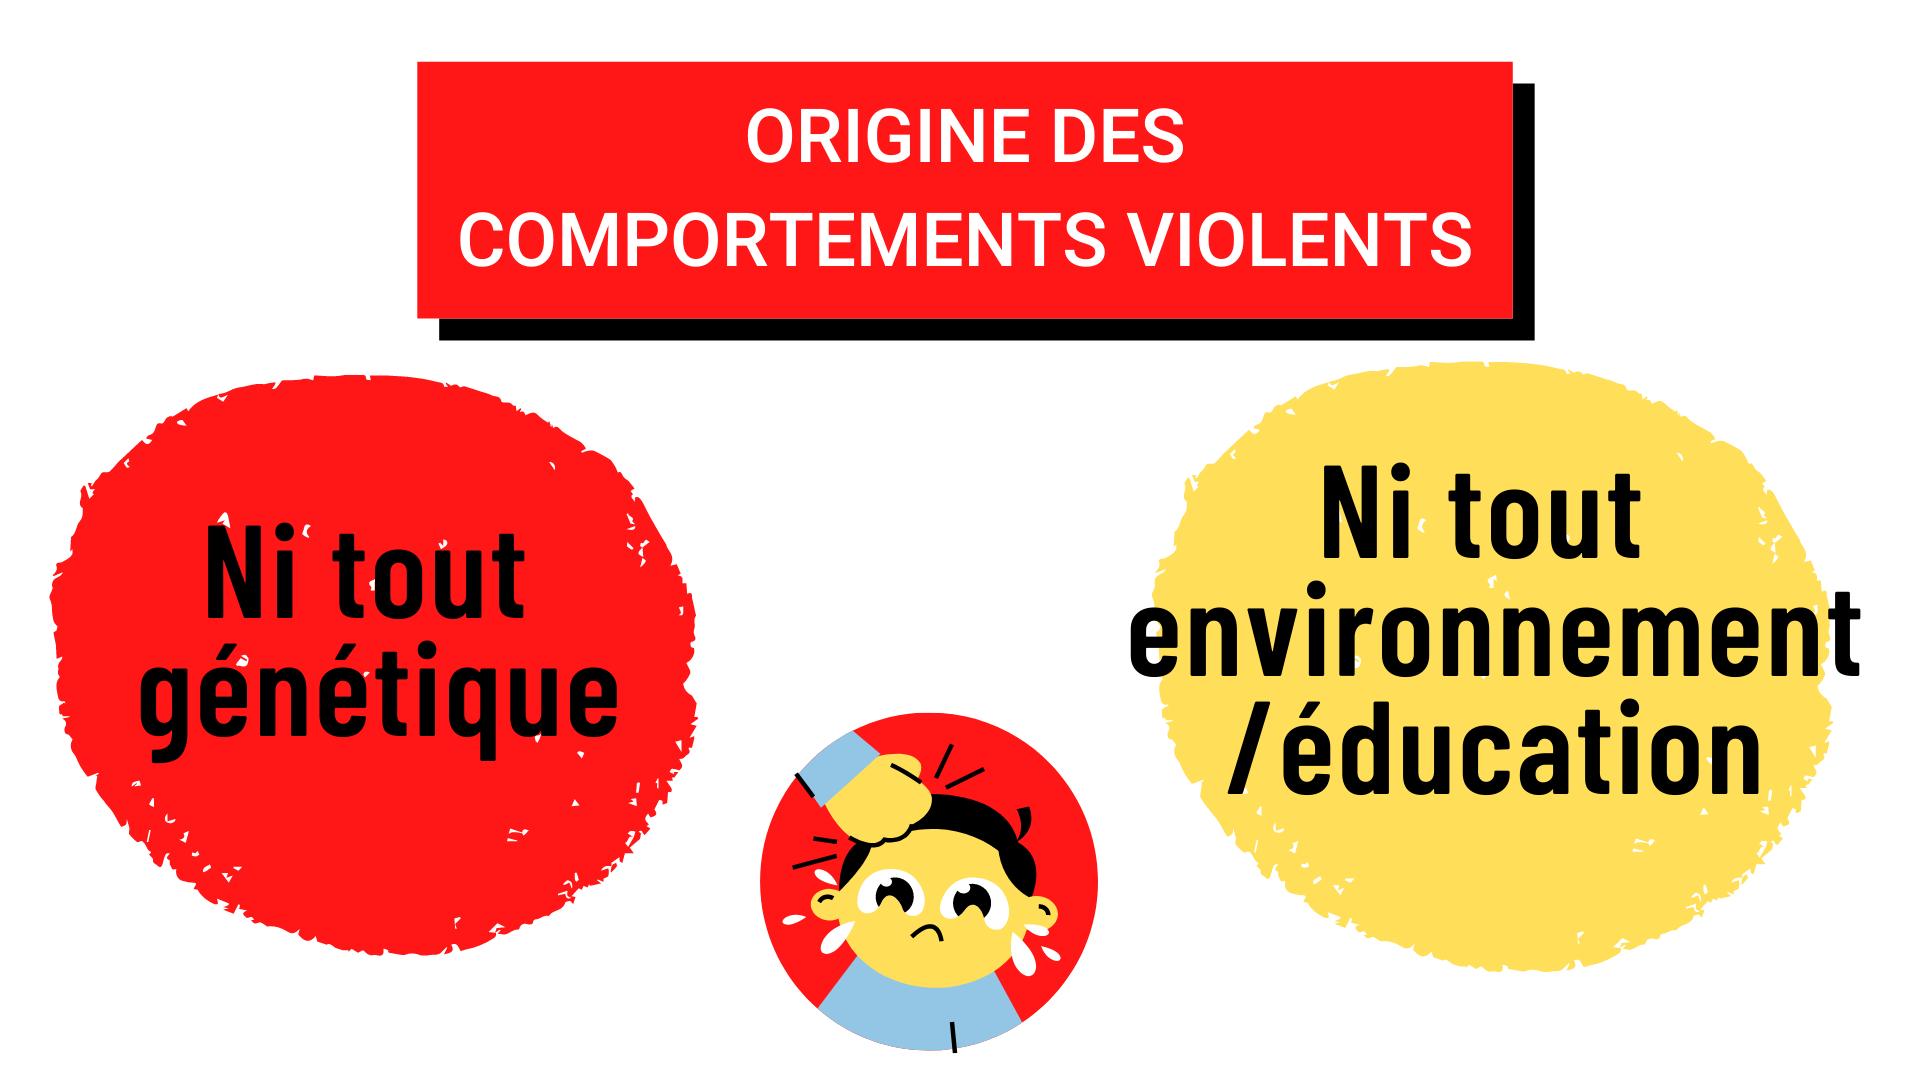 Origine des comportements violents ni tout génétique, ni tout environnement_ éducation